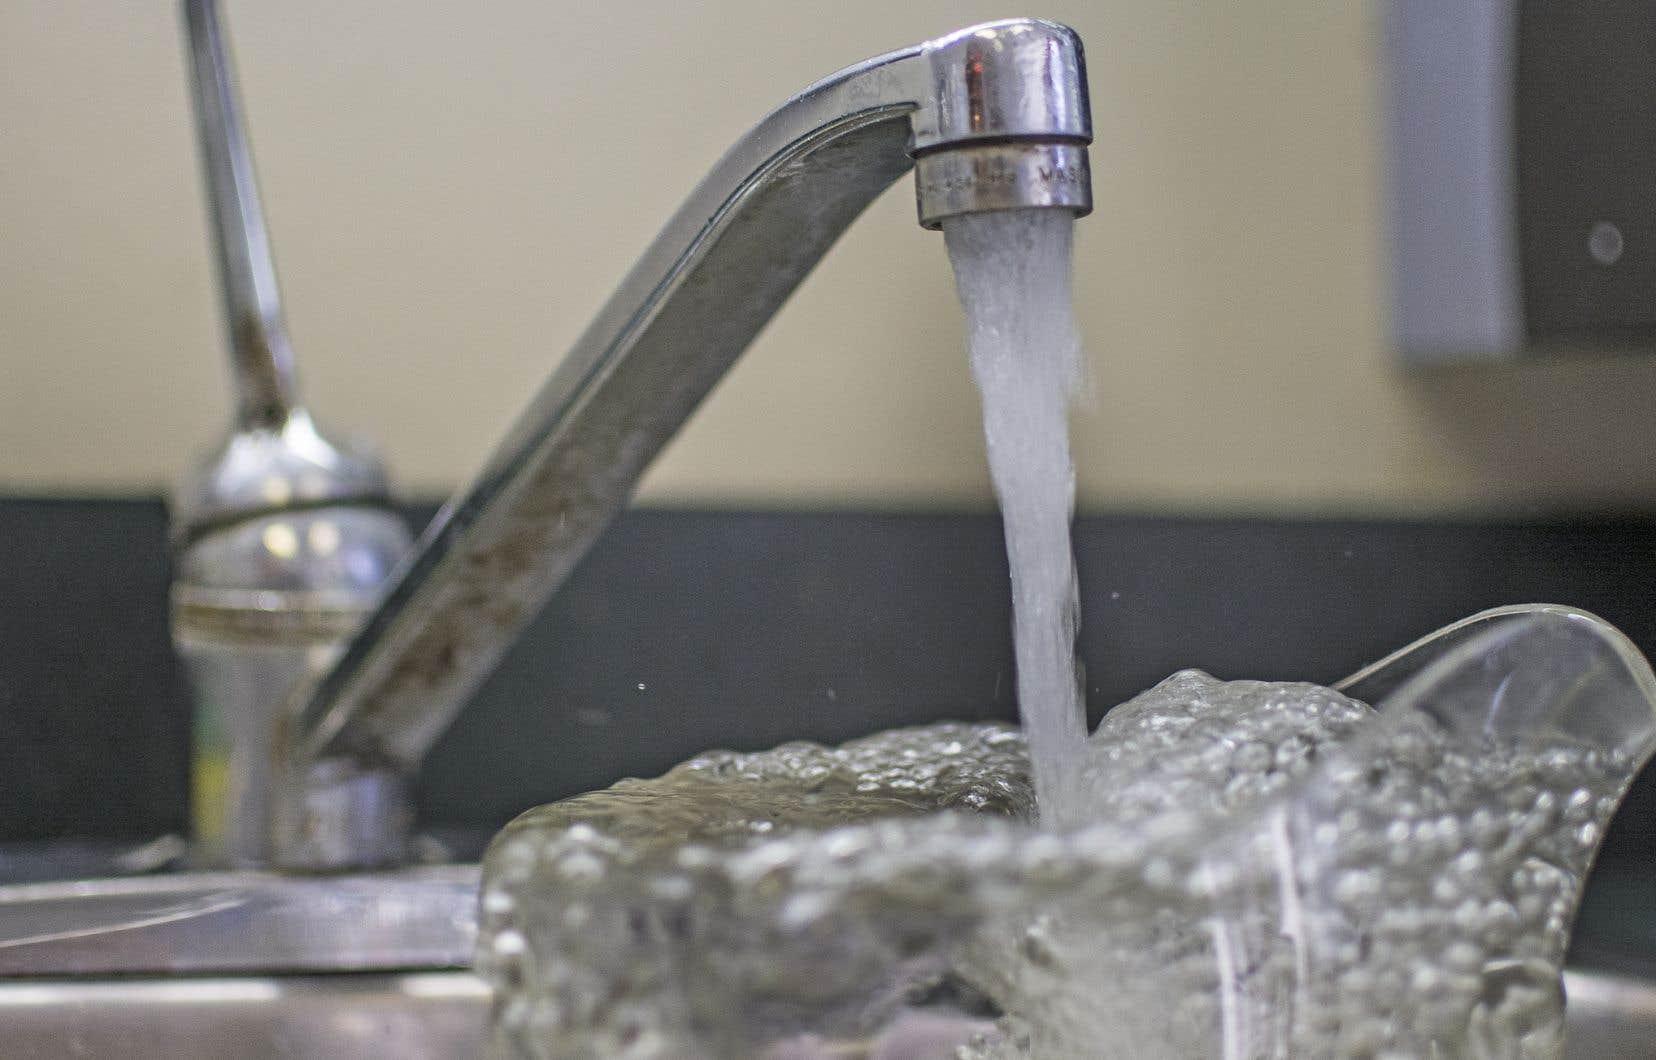 Les méthodes utilisées pour mesurer le plomb dans l'eau potable de tous les Québécois camouflent des résultats élevés et potentiellement dangereux pour la santé.